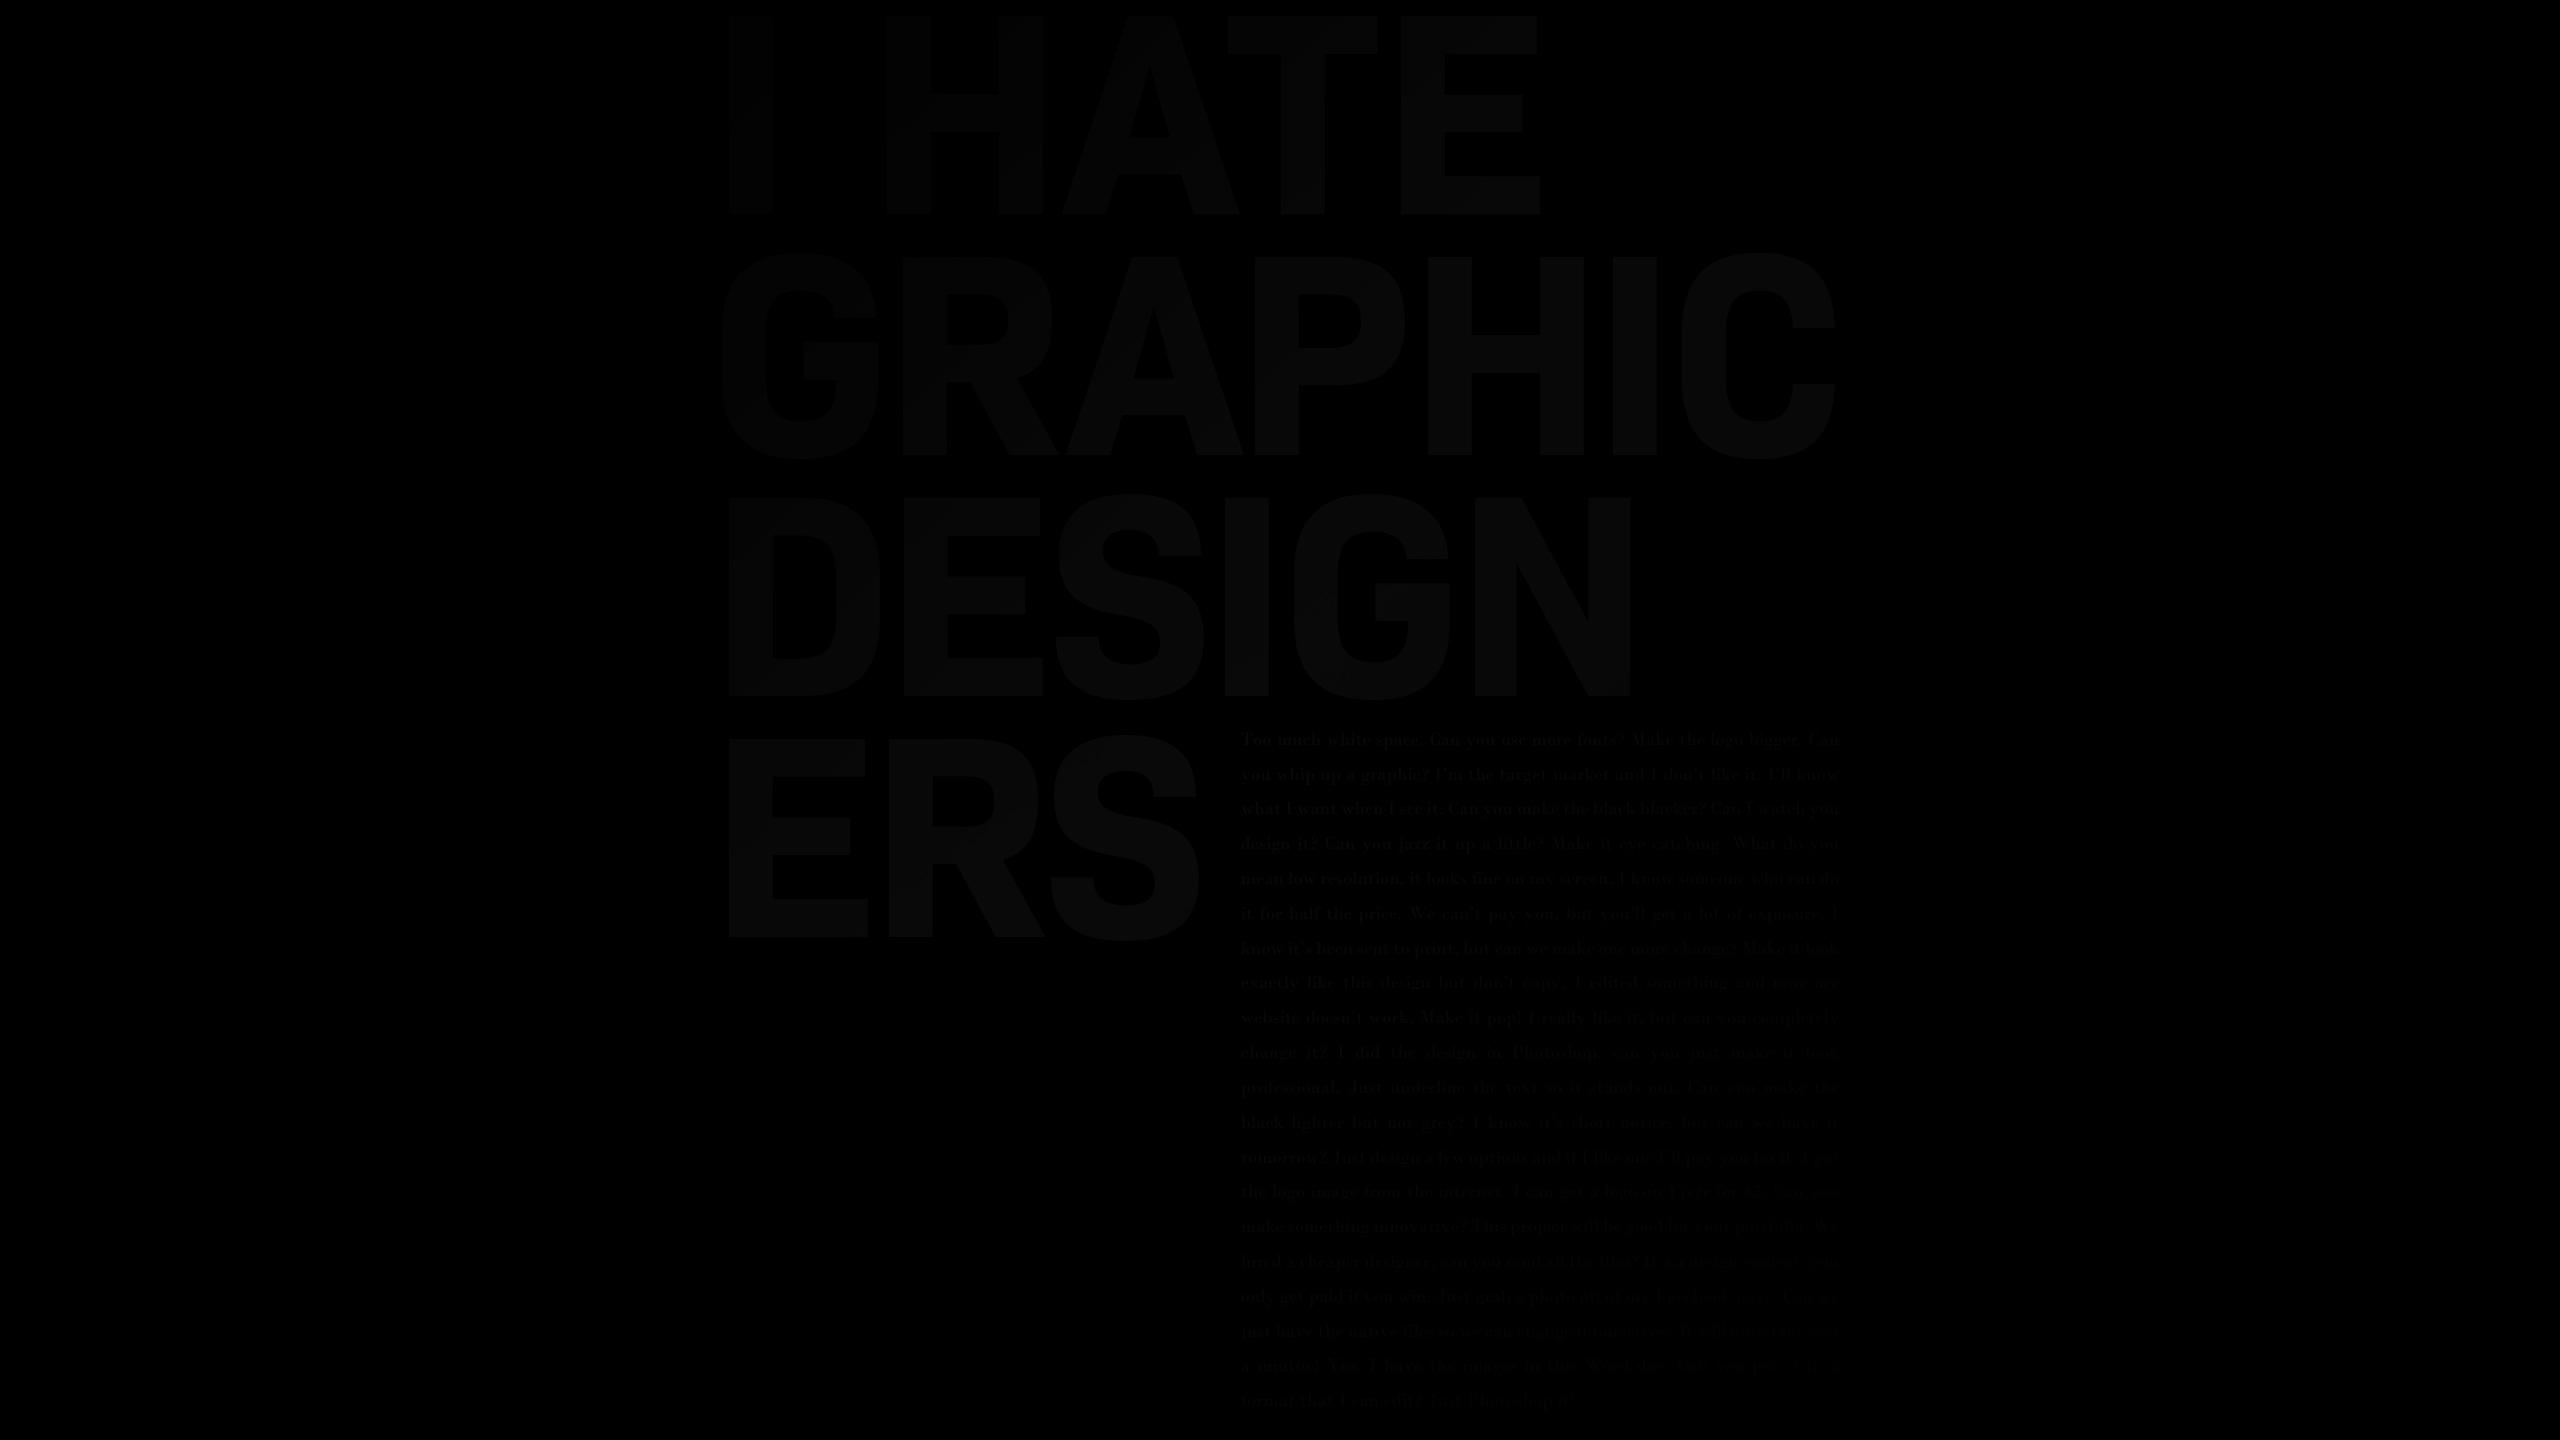 Design-Nerd-Slider-Background